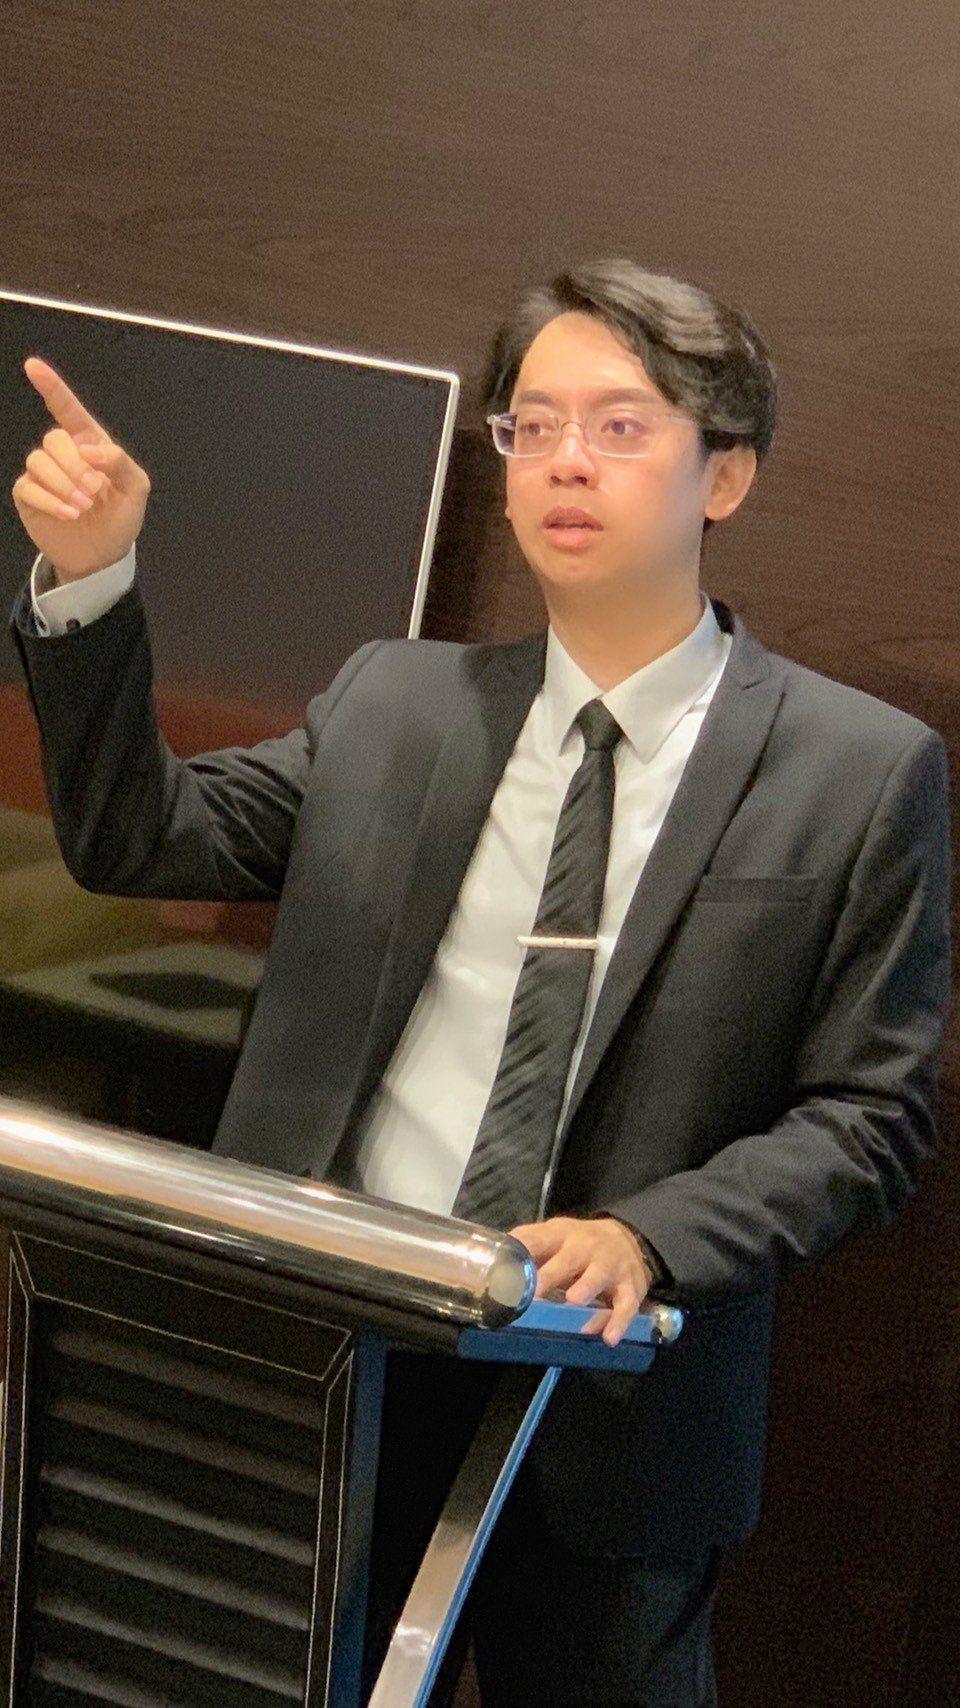 安心國際專業徵信有限公司總經理陳洪平,帶領公司在同業中獲得良好信譽。安心國際專業...